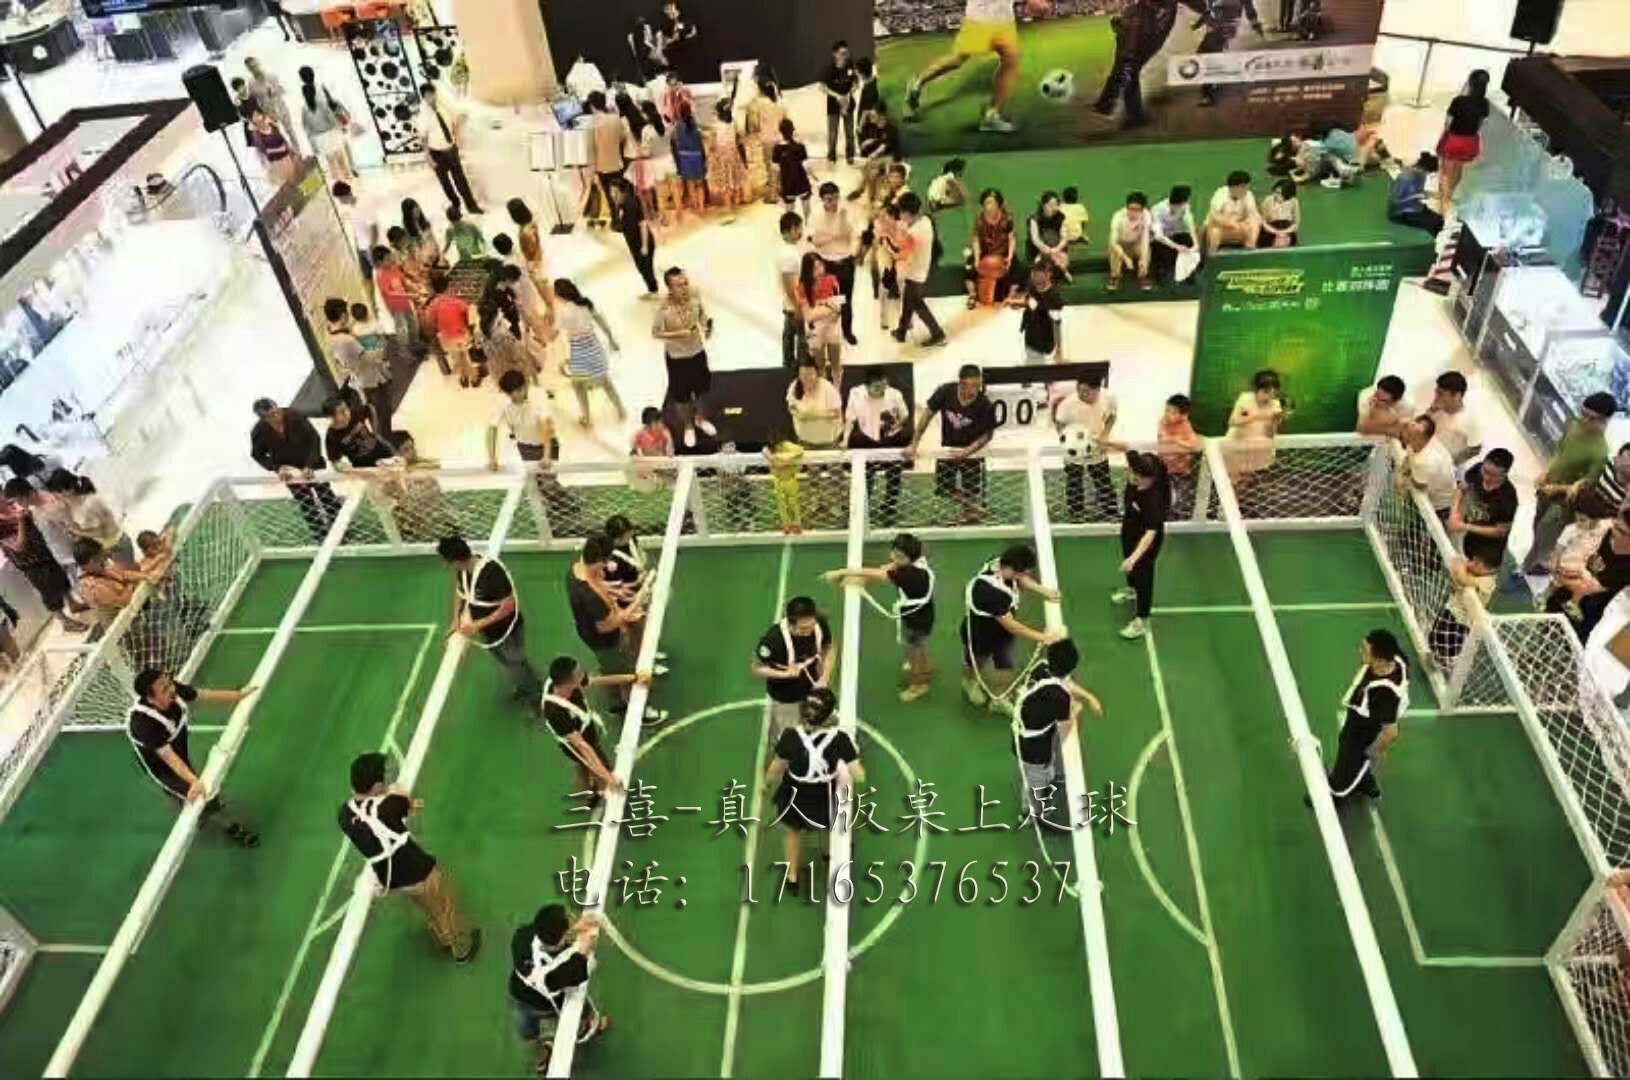 真人脚踢桌球大台球桌脚踢台球趣味亲子运动桌上足球